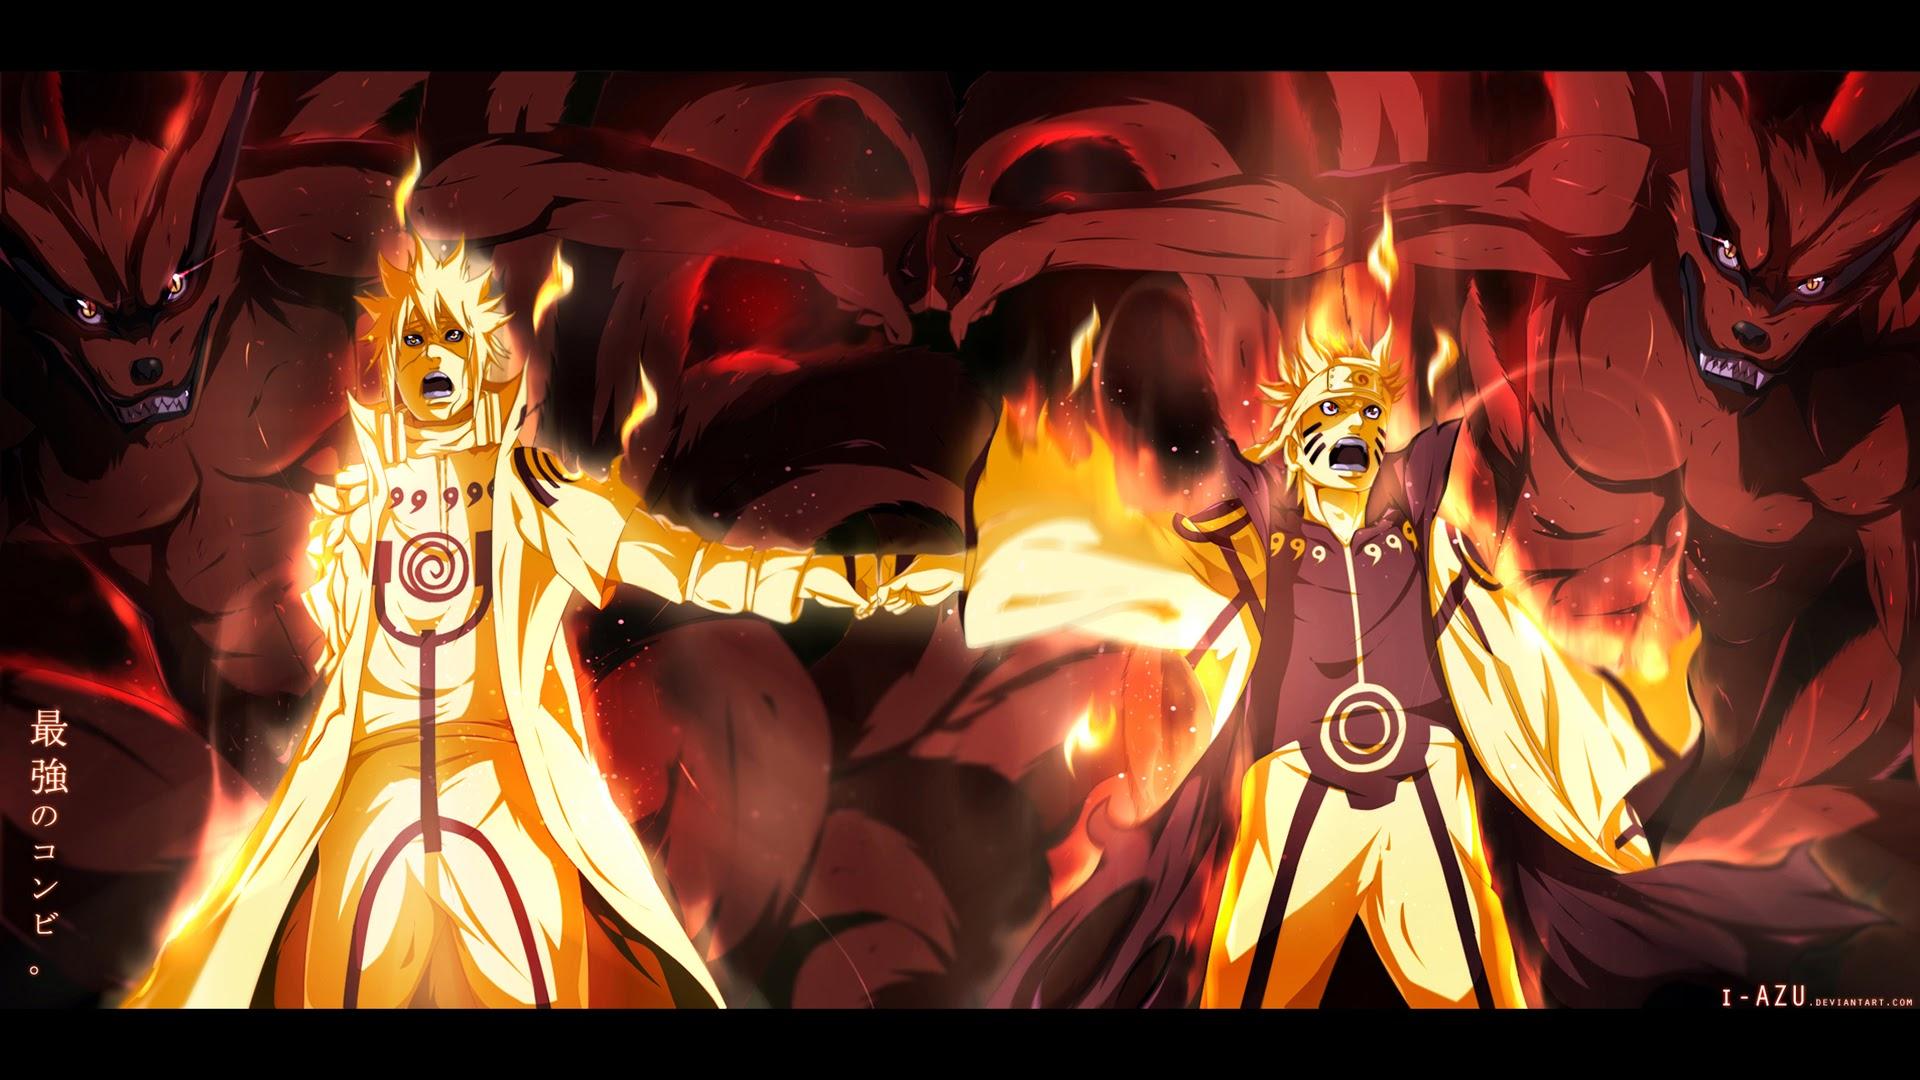 Imagenes de Naruto en HD para Whatsapp   Fondos ...